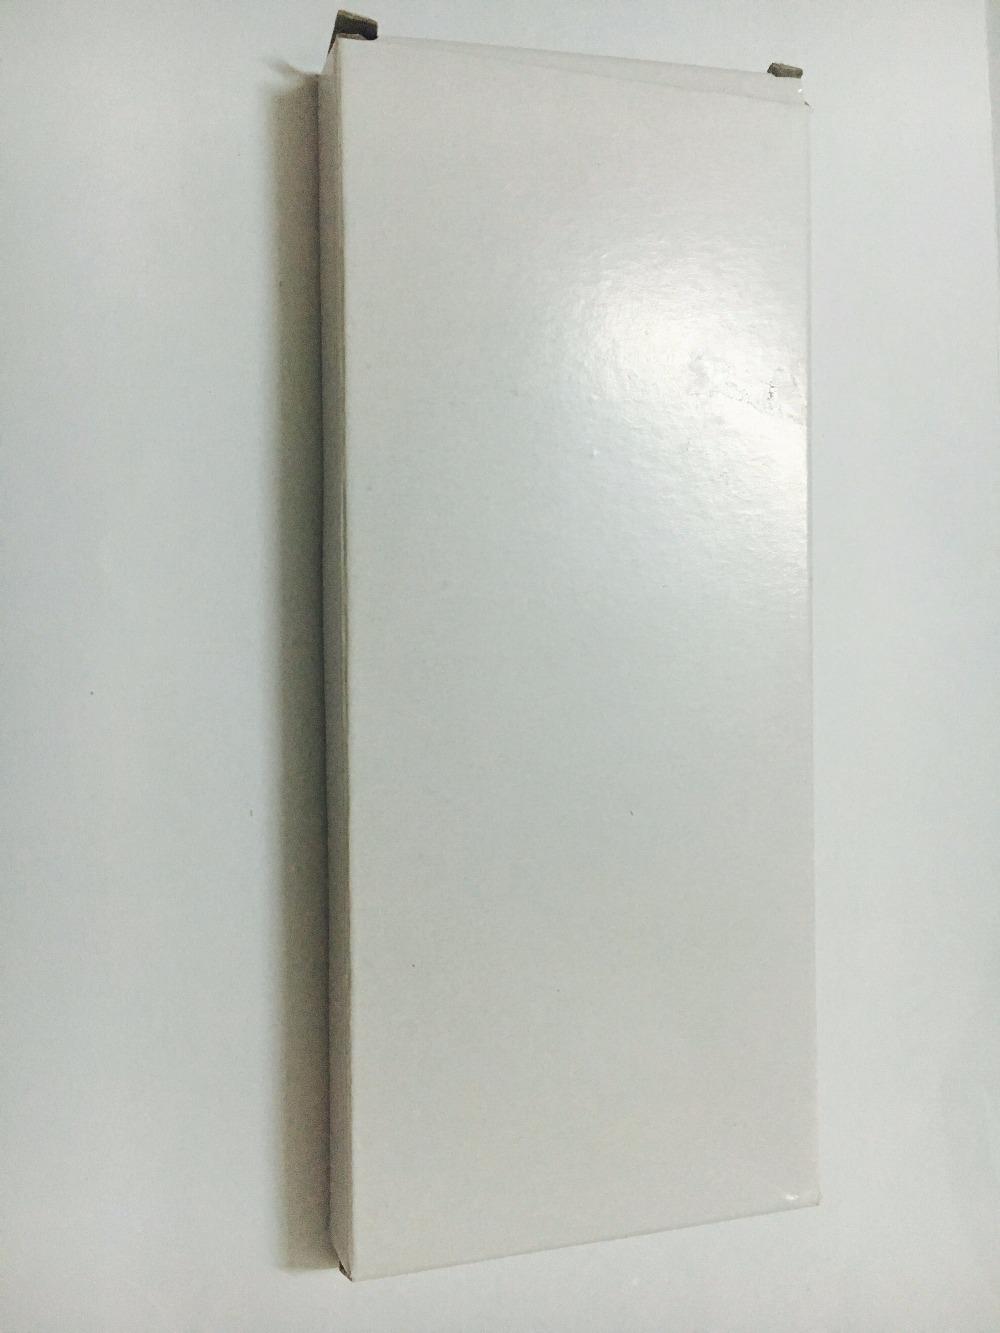 tri hole fiber stripper 18